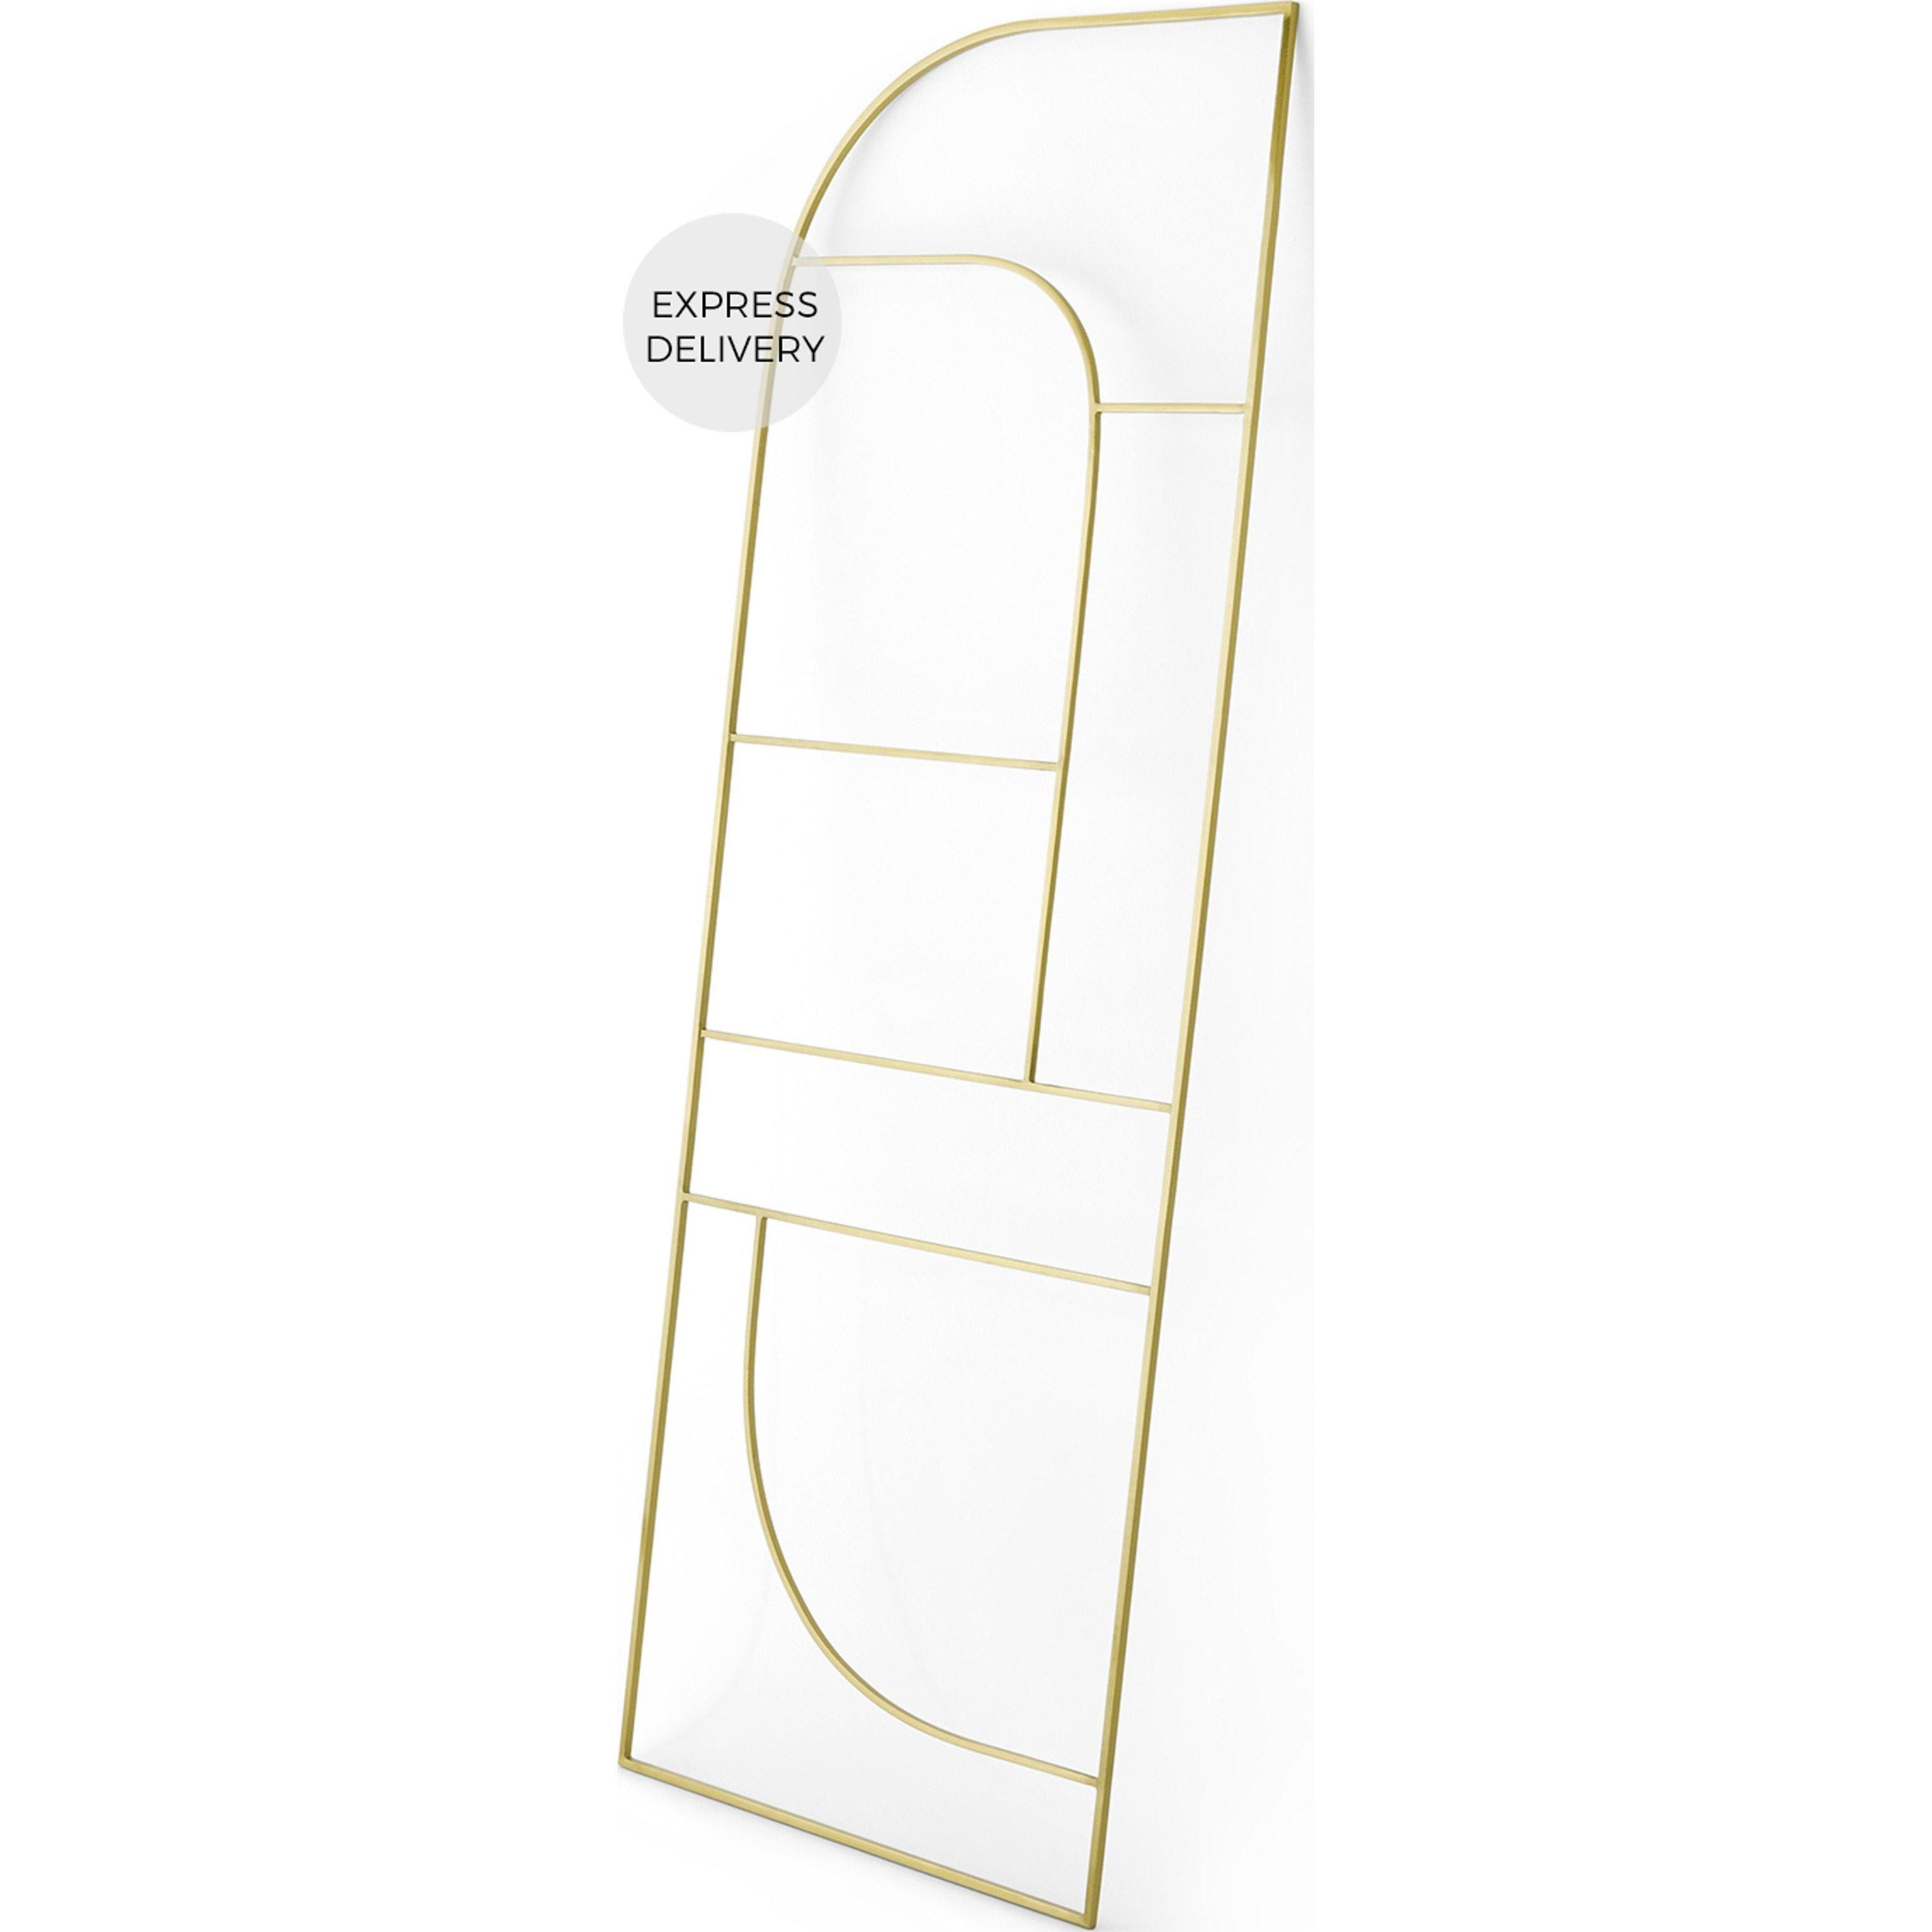 image-Vestar Metal Towel Rack Ladder, Brushed Brass